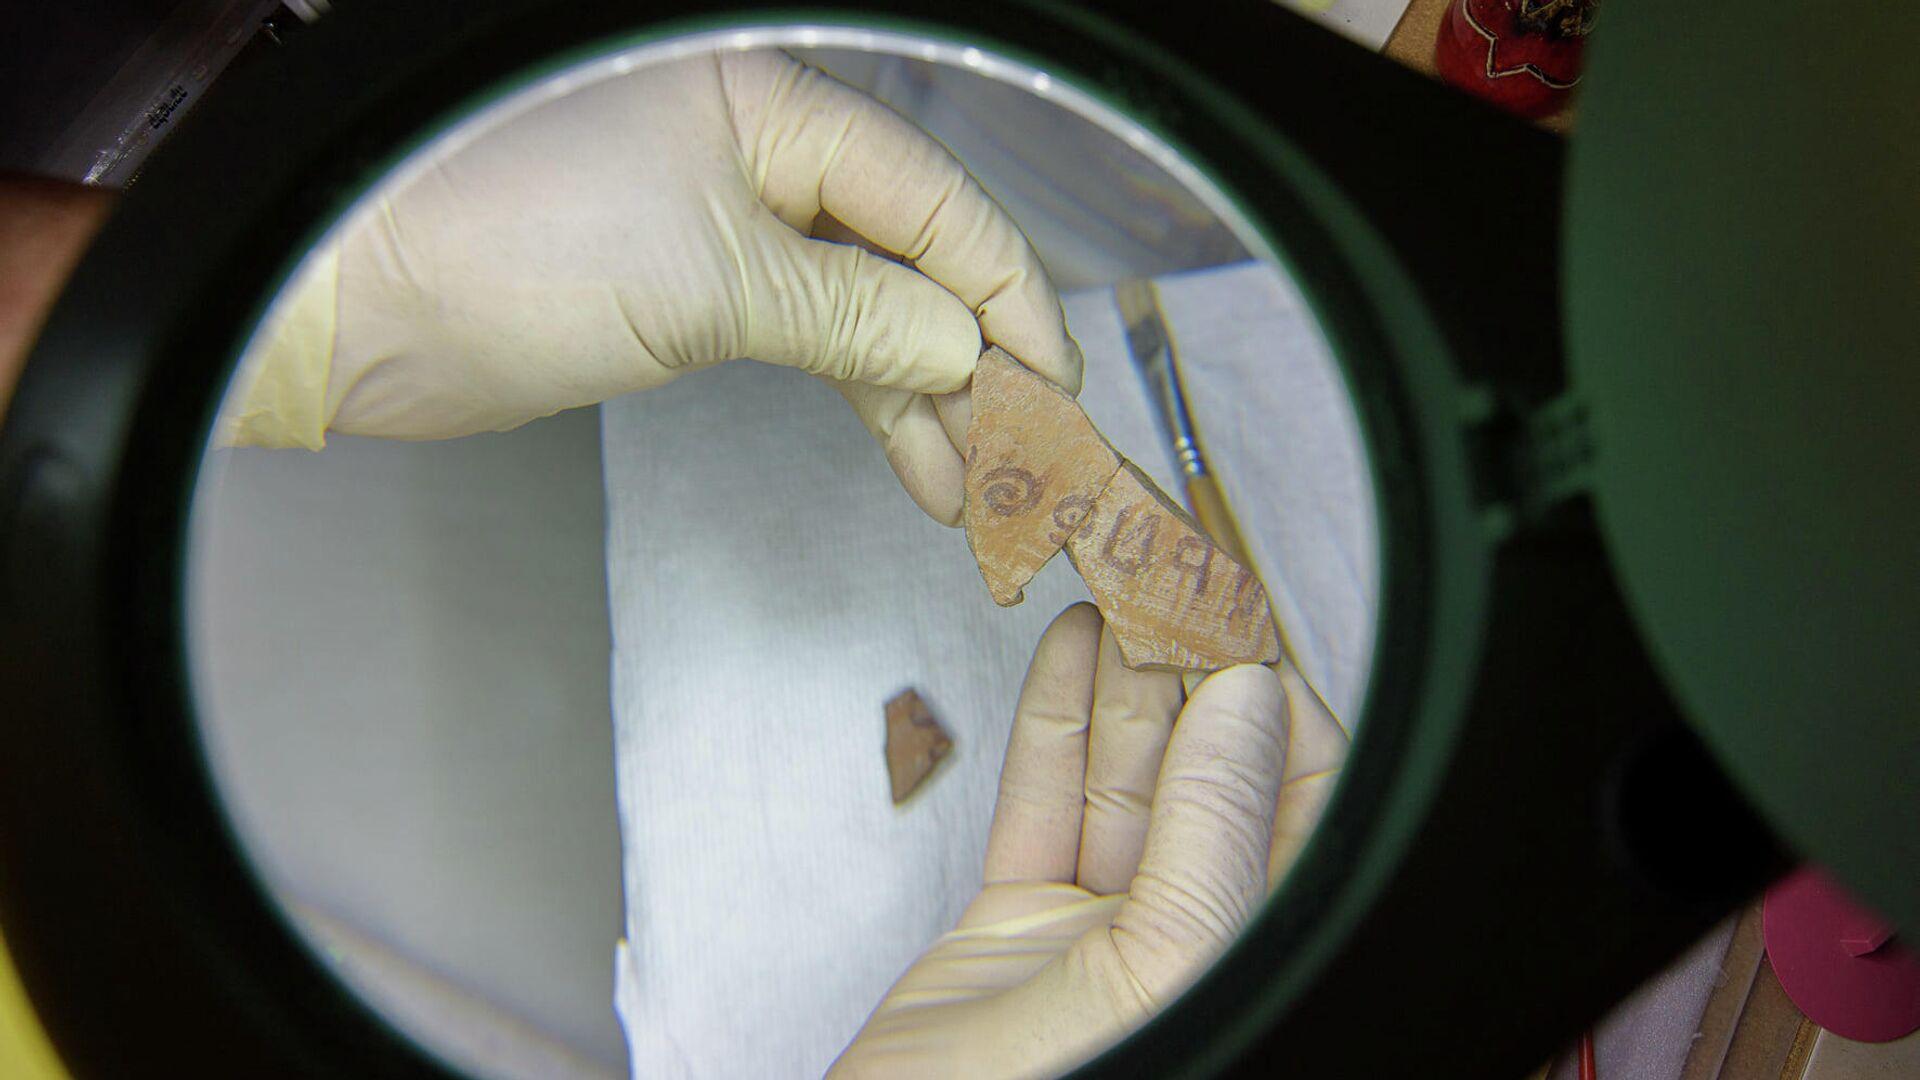 Scritta risalente a 3100 anni fa ritrovata in un frammento di vaso di terracotta - Sputnik Italia, 1920, 13.07.2021